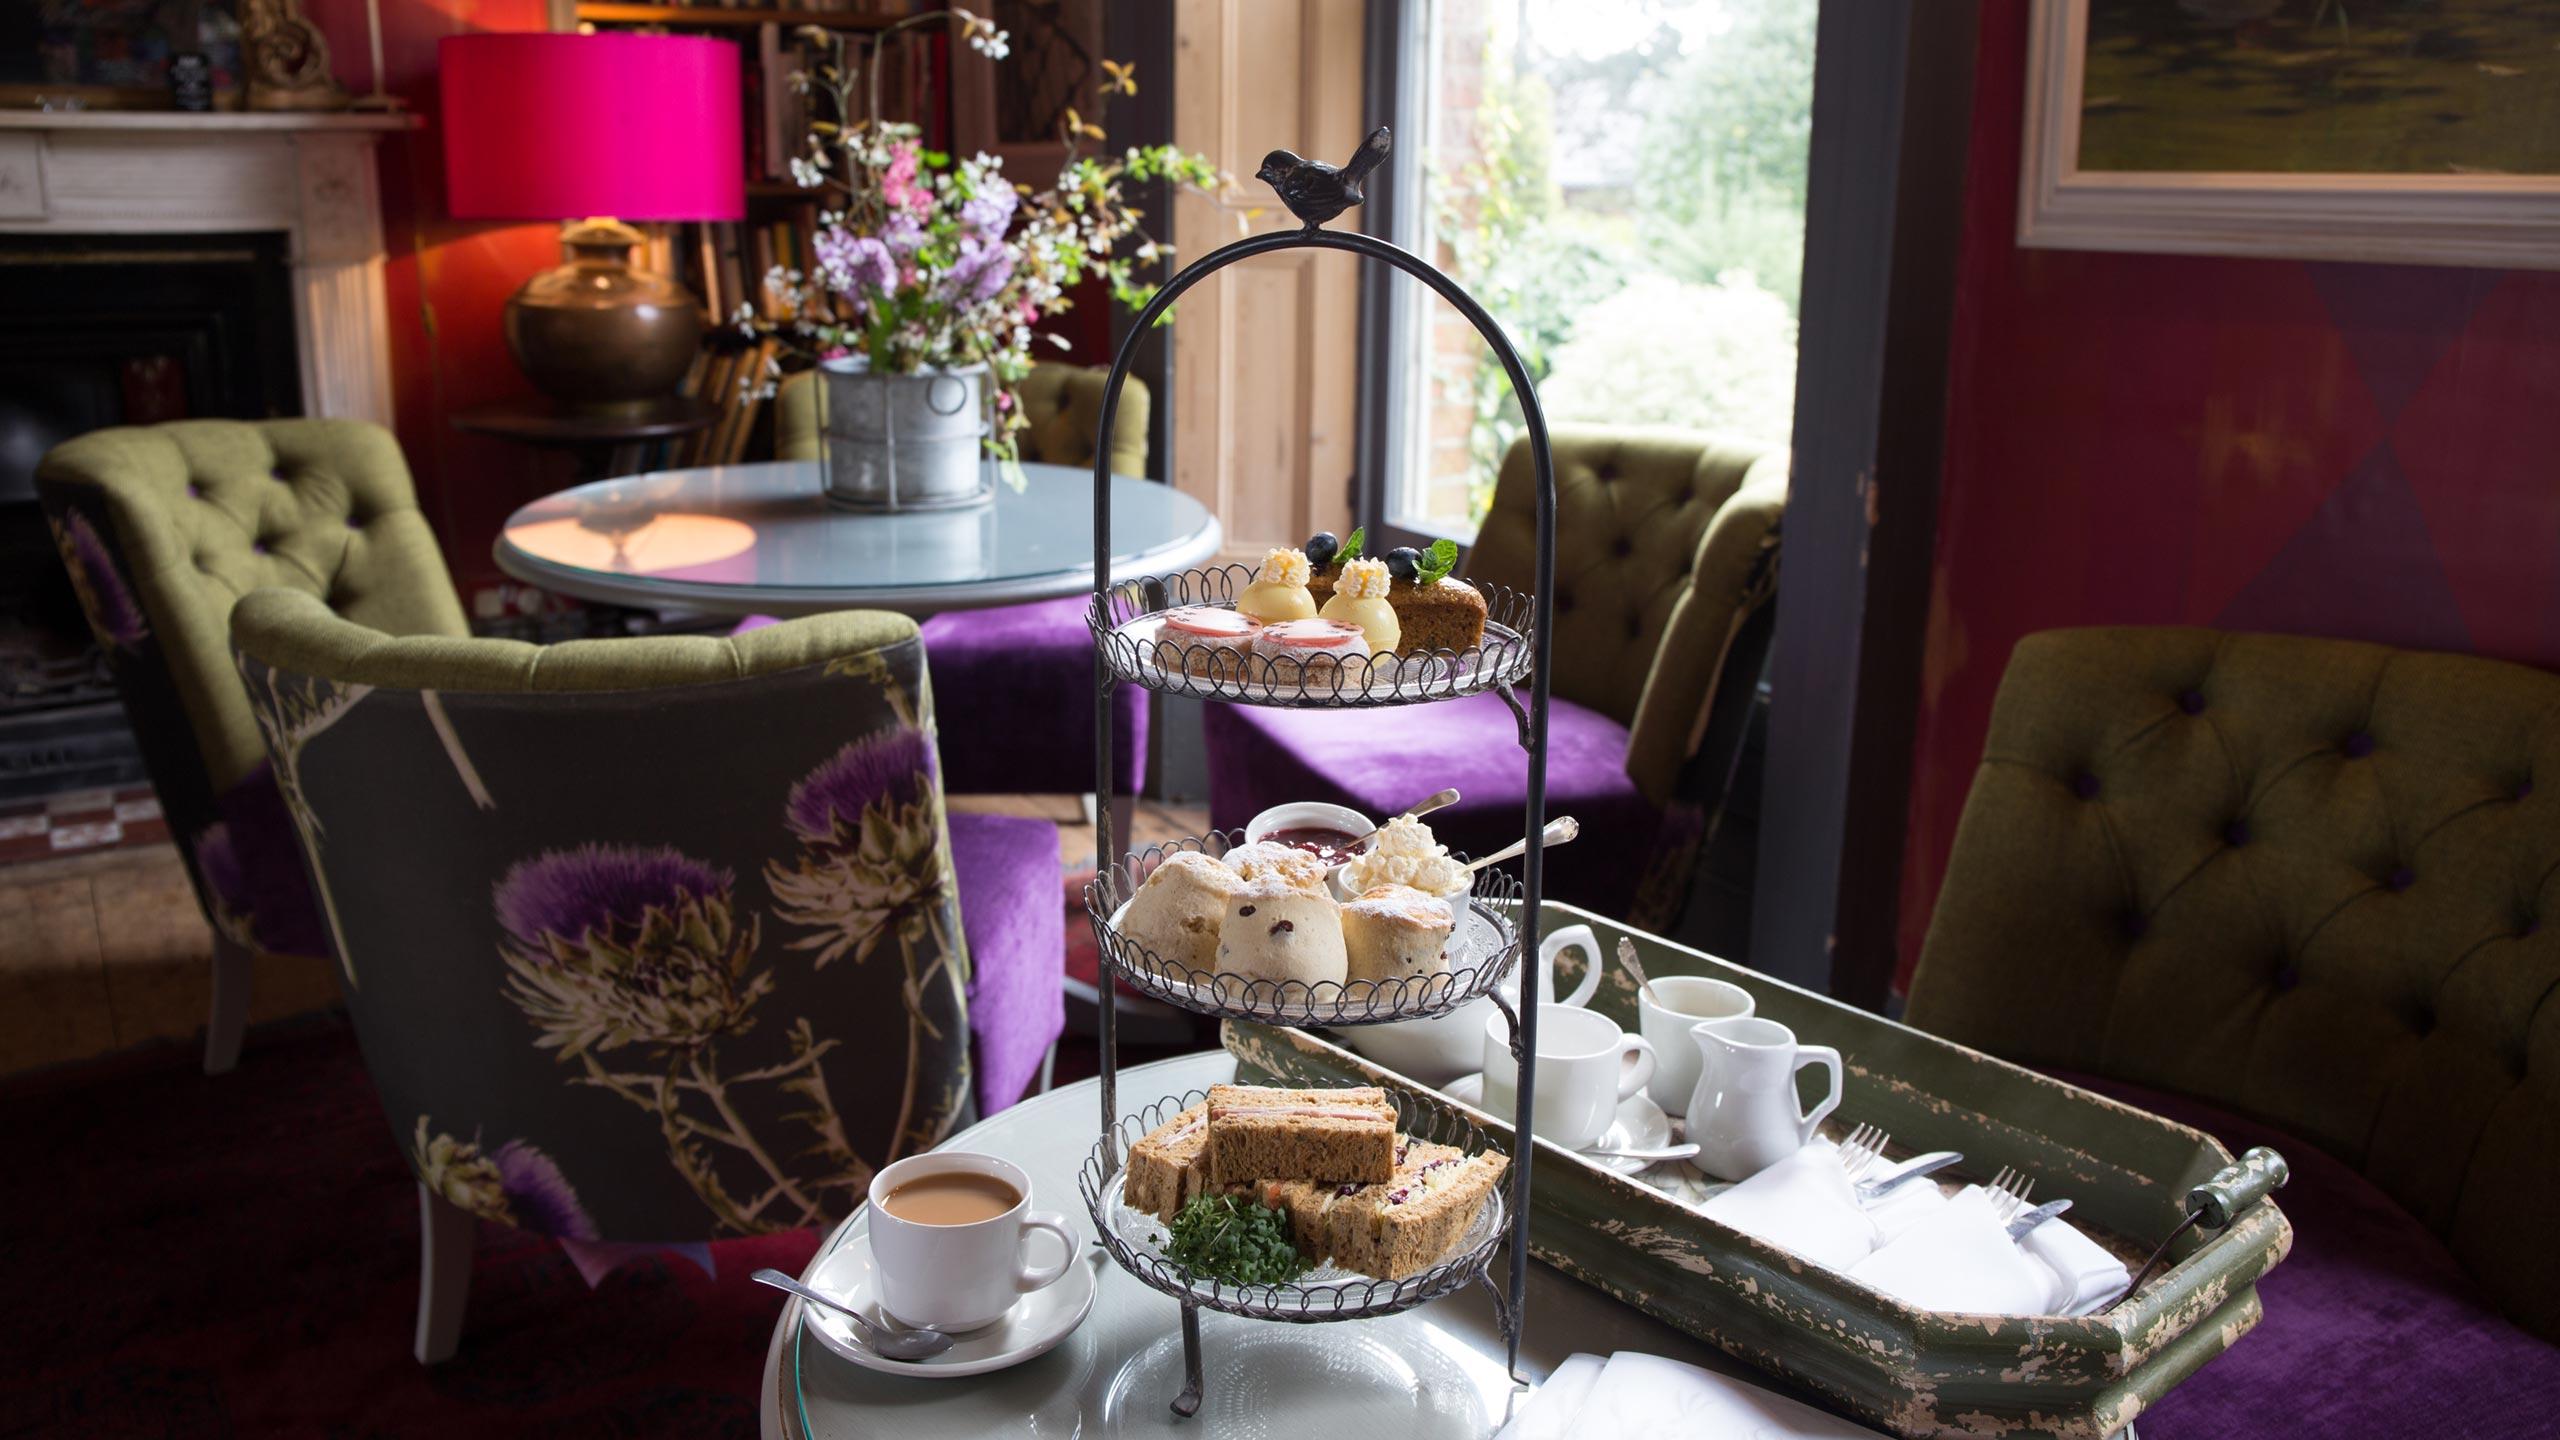 Strattons Hotel Afternoon Tea, Swaffham, Norfolk